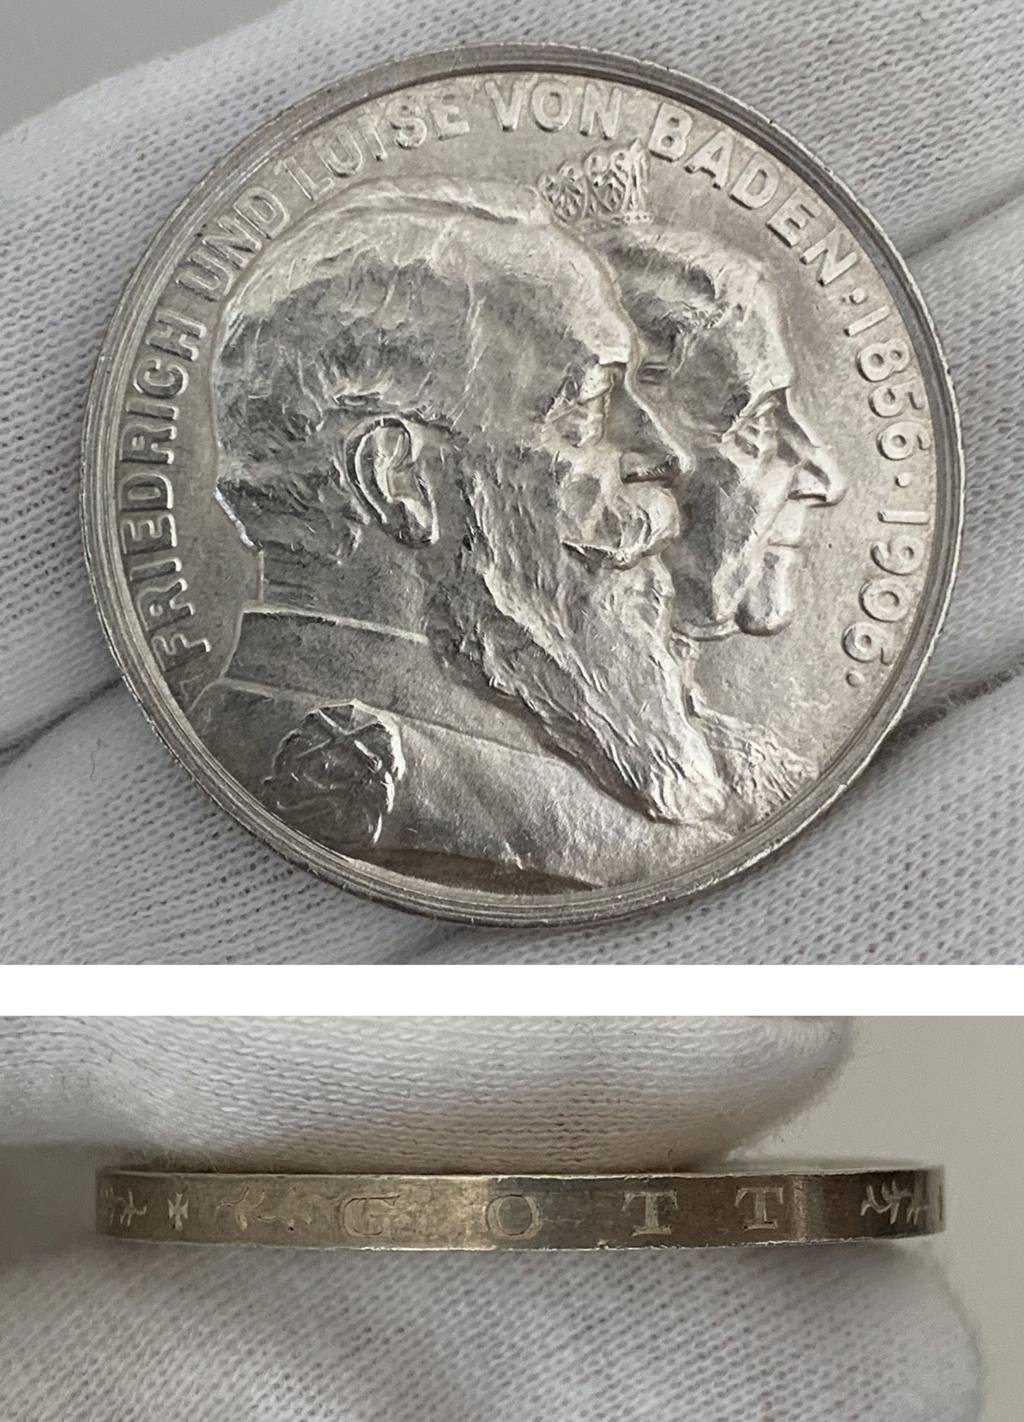 5 marcos imperio alemán 1906 0324